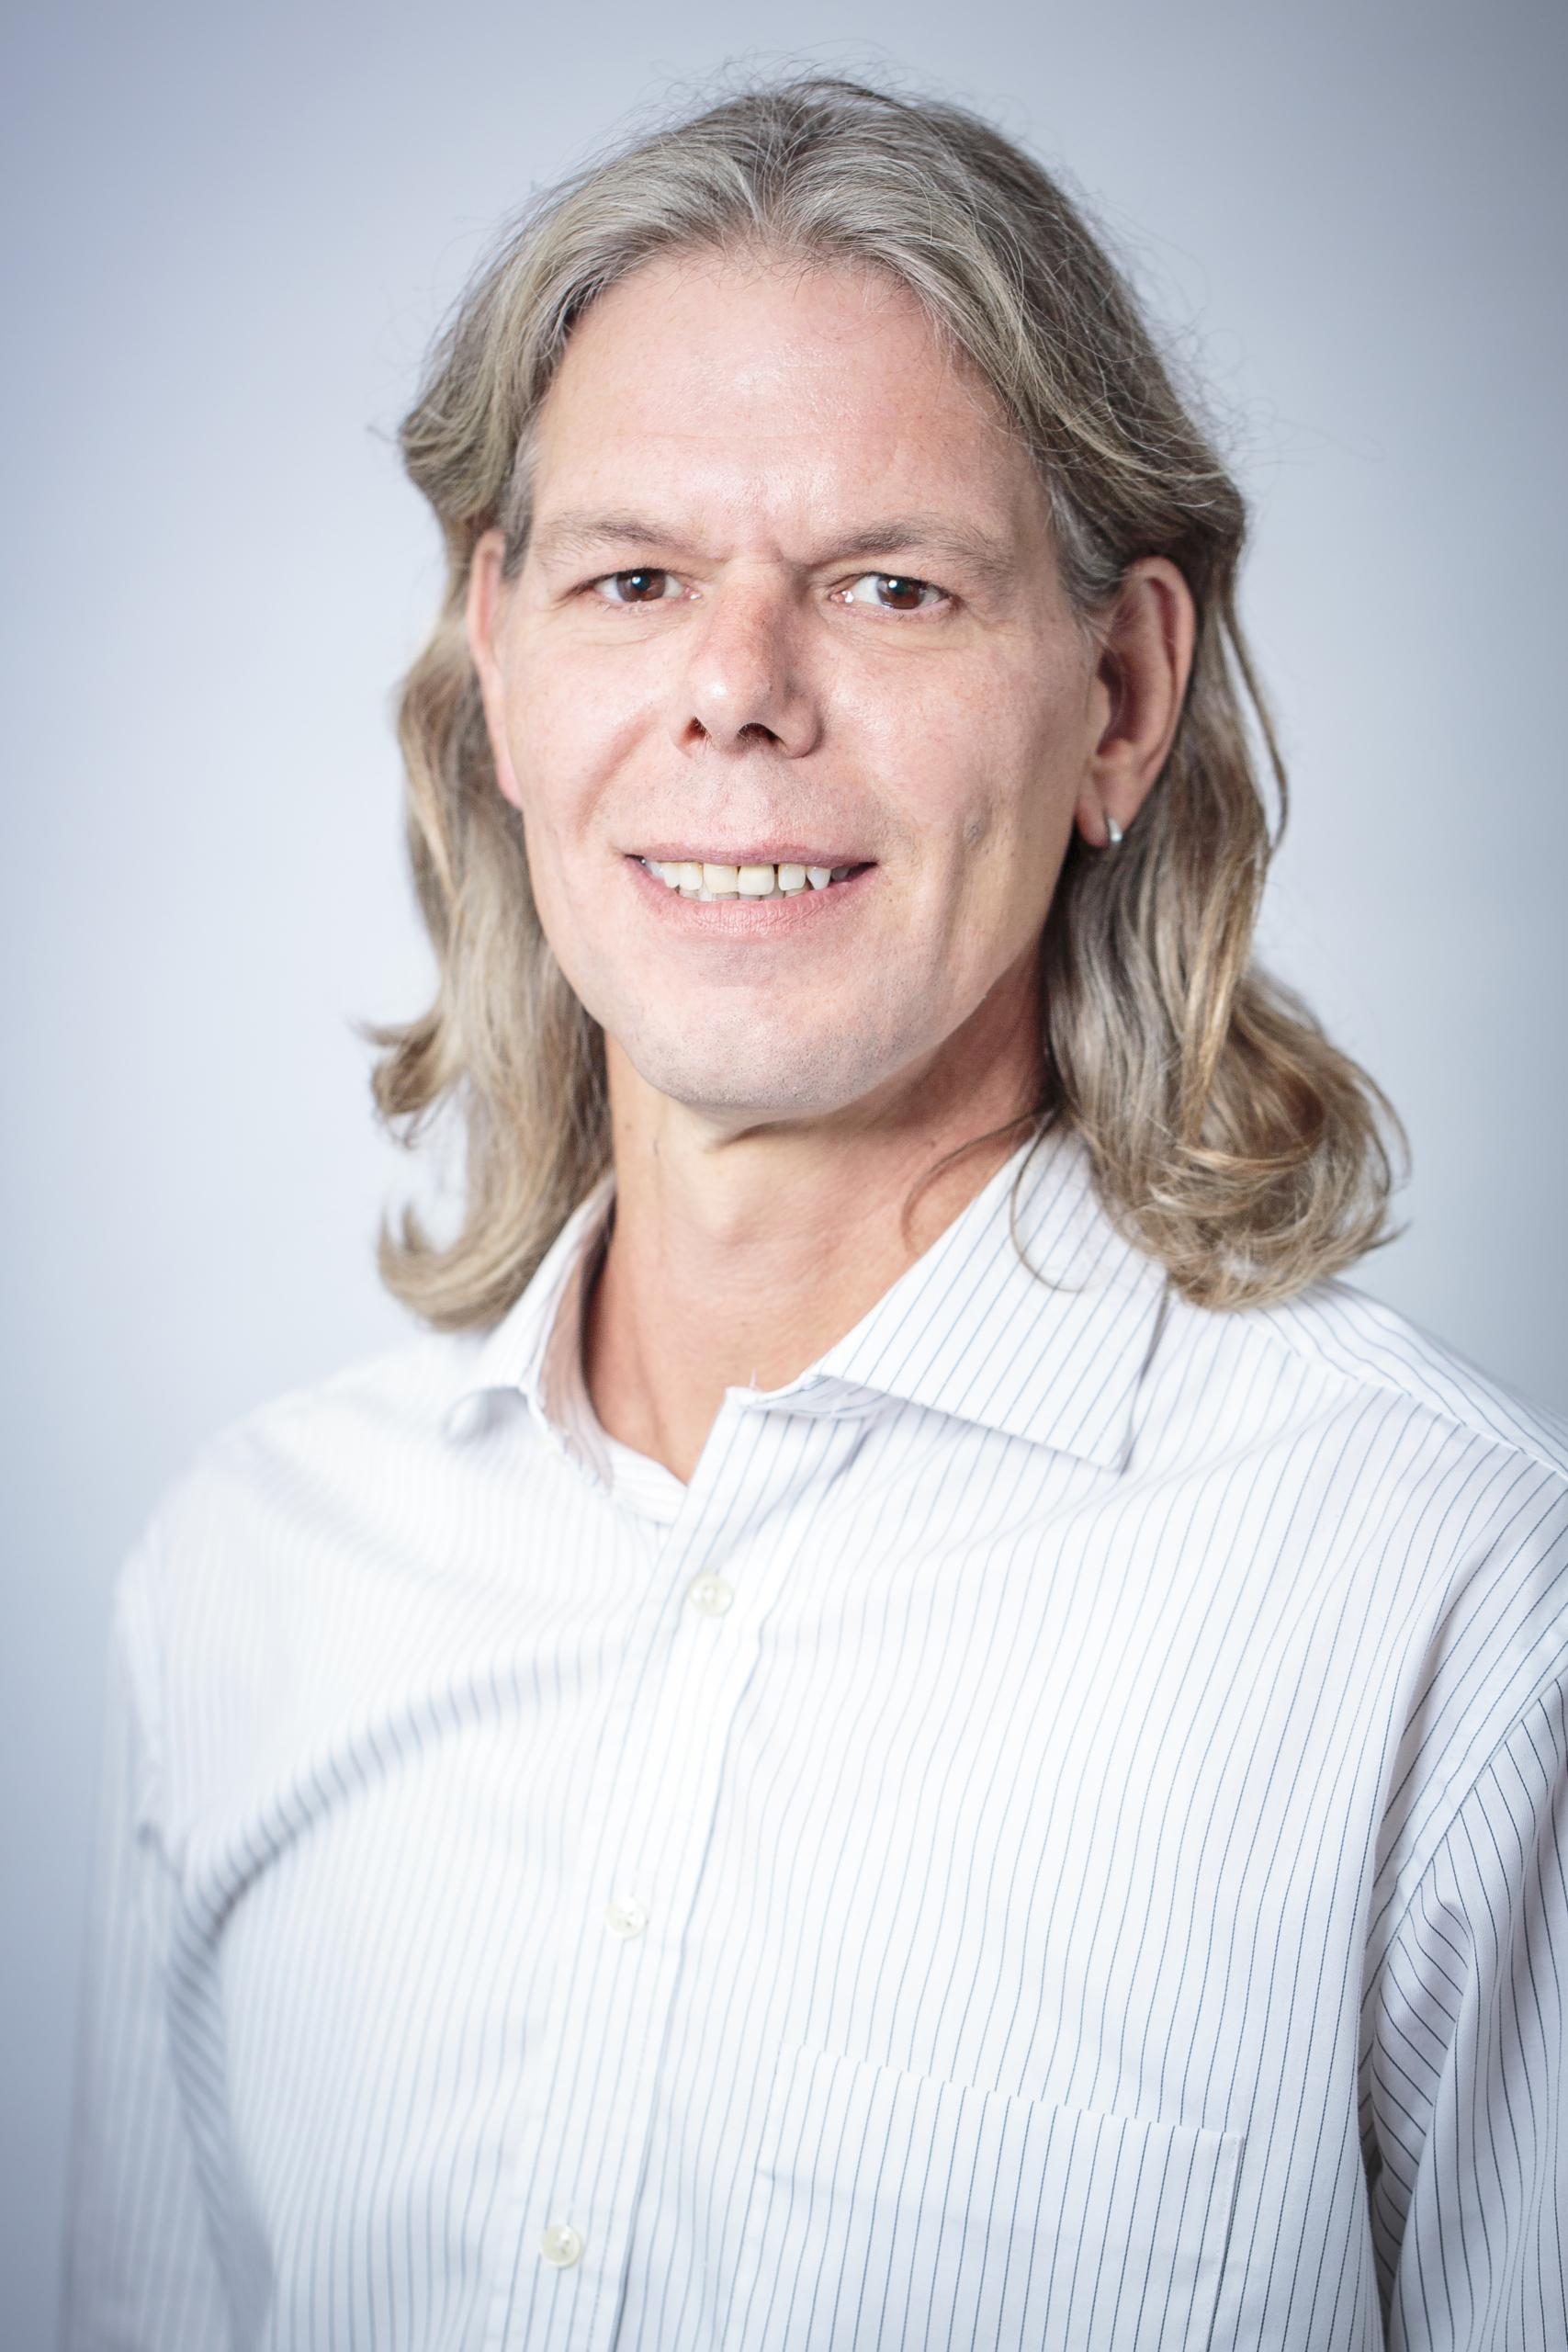 Jochen Rüdebusch